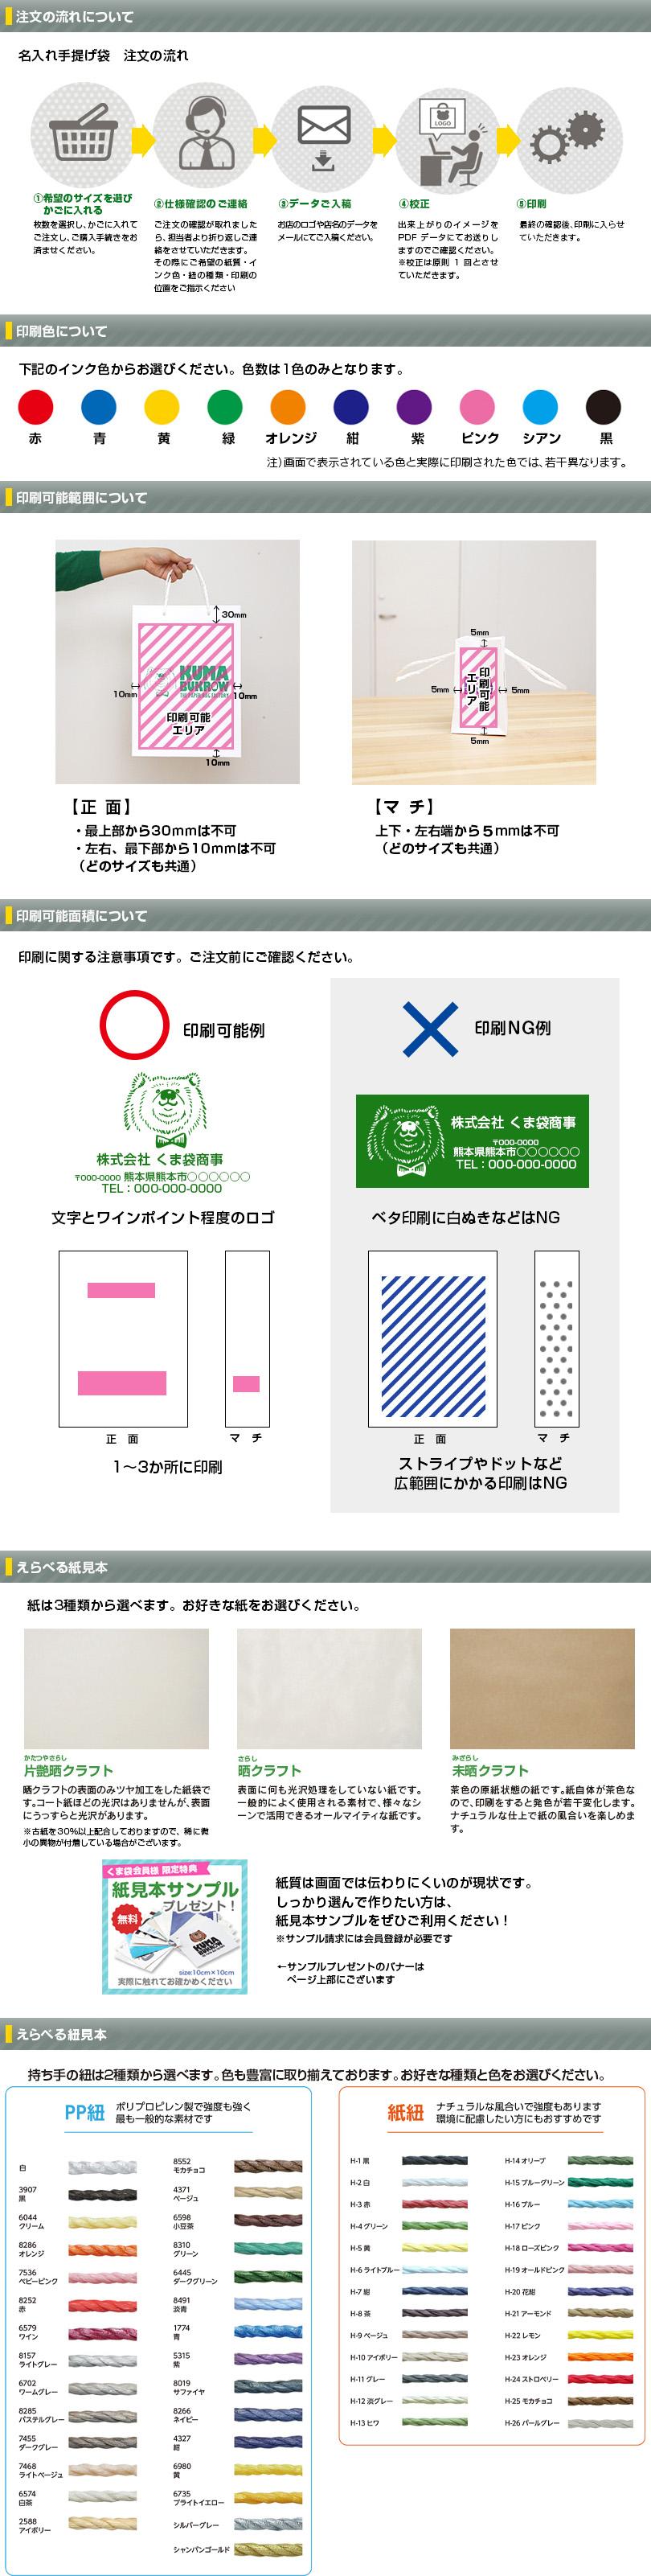 ワンポイント印刷の商品説明